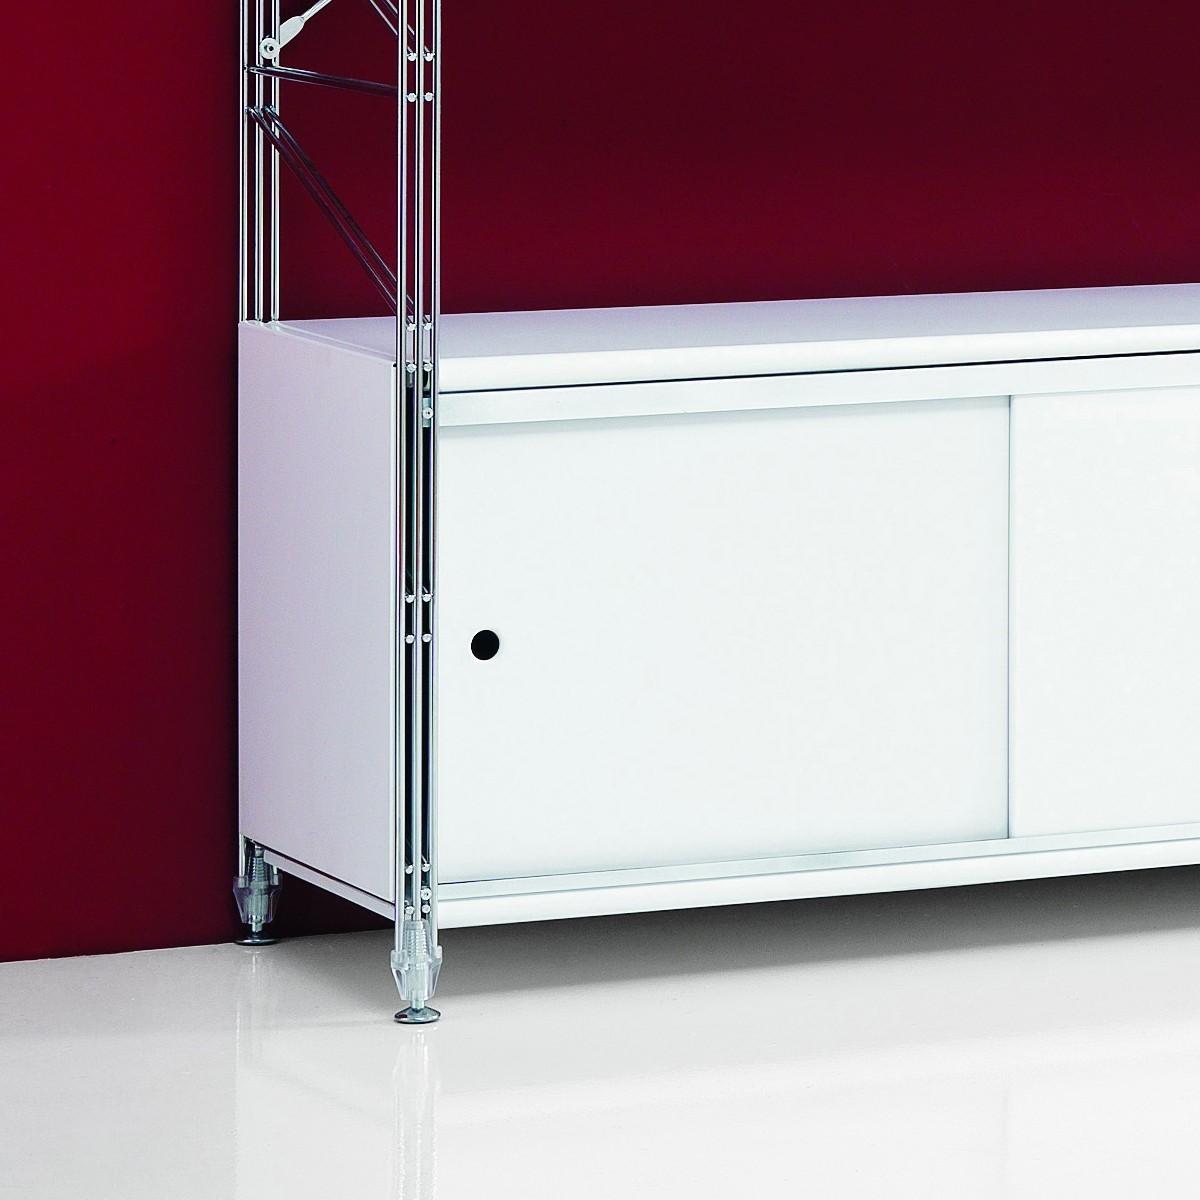 Scaffali Con Ante Scorrevoli.Scaffale Modulare Con Ante Scorrevoli Design Moderno Socrate 22